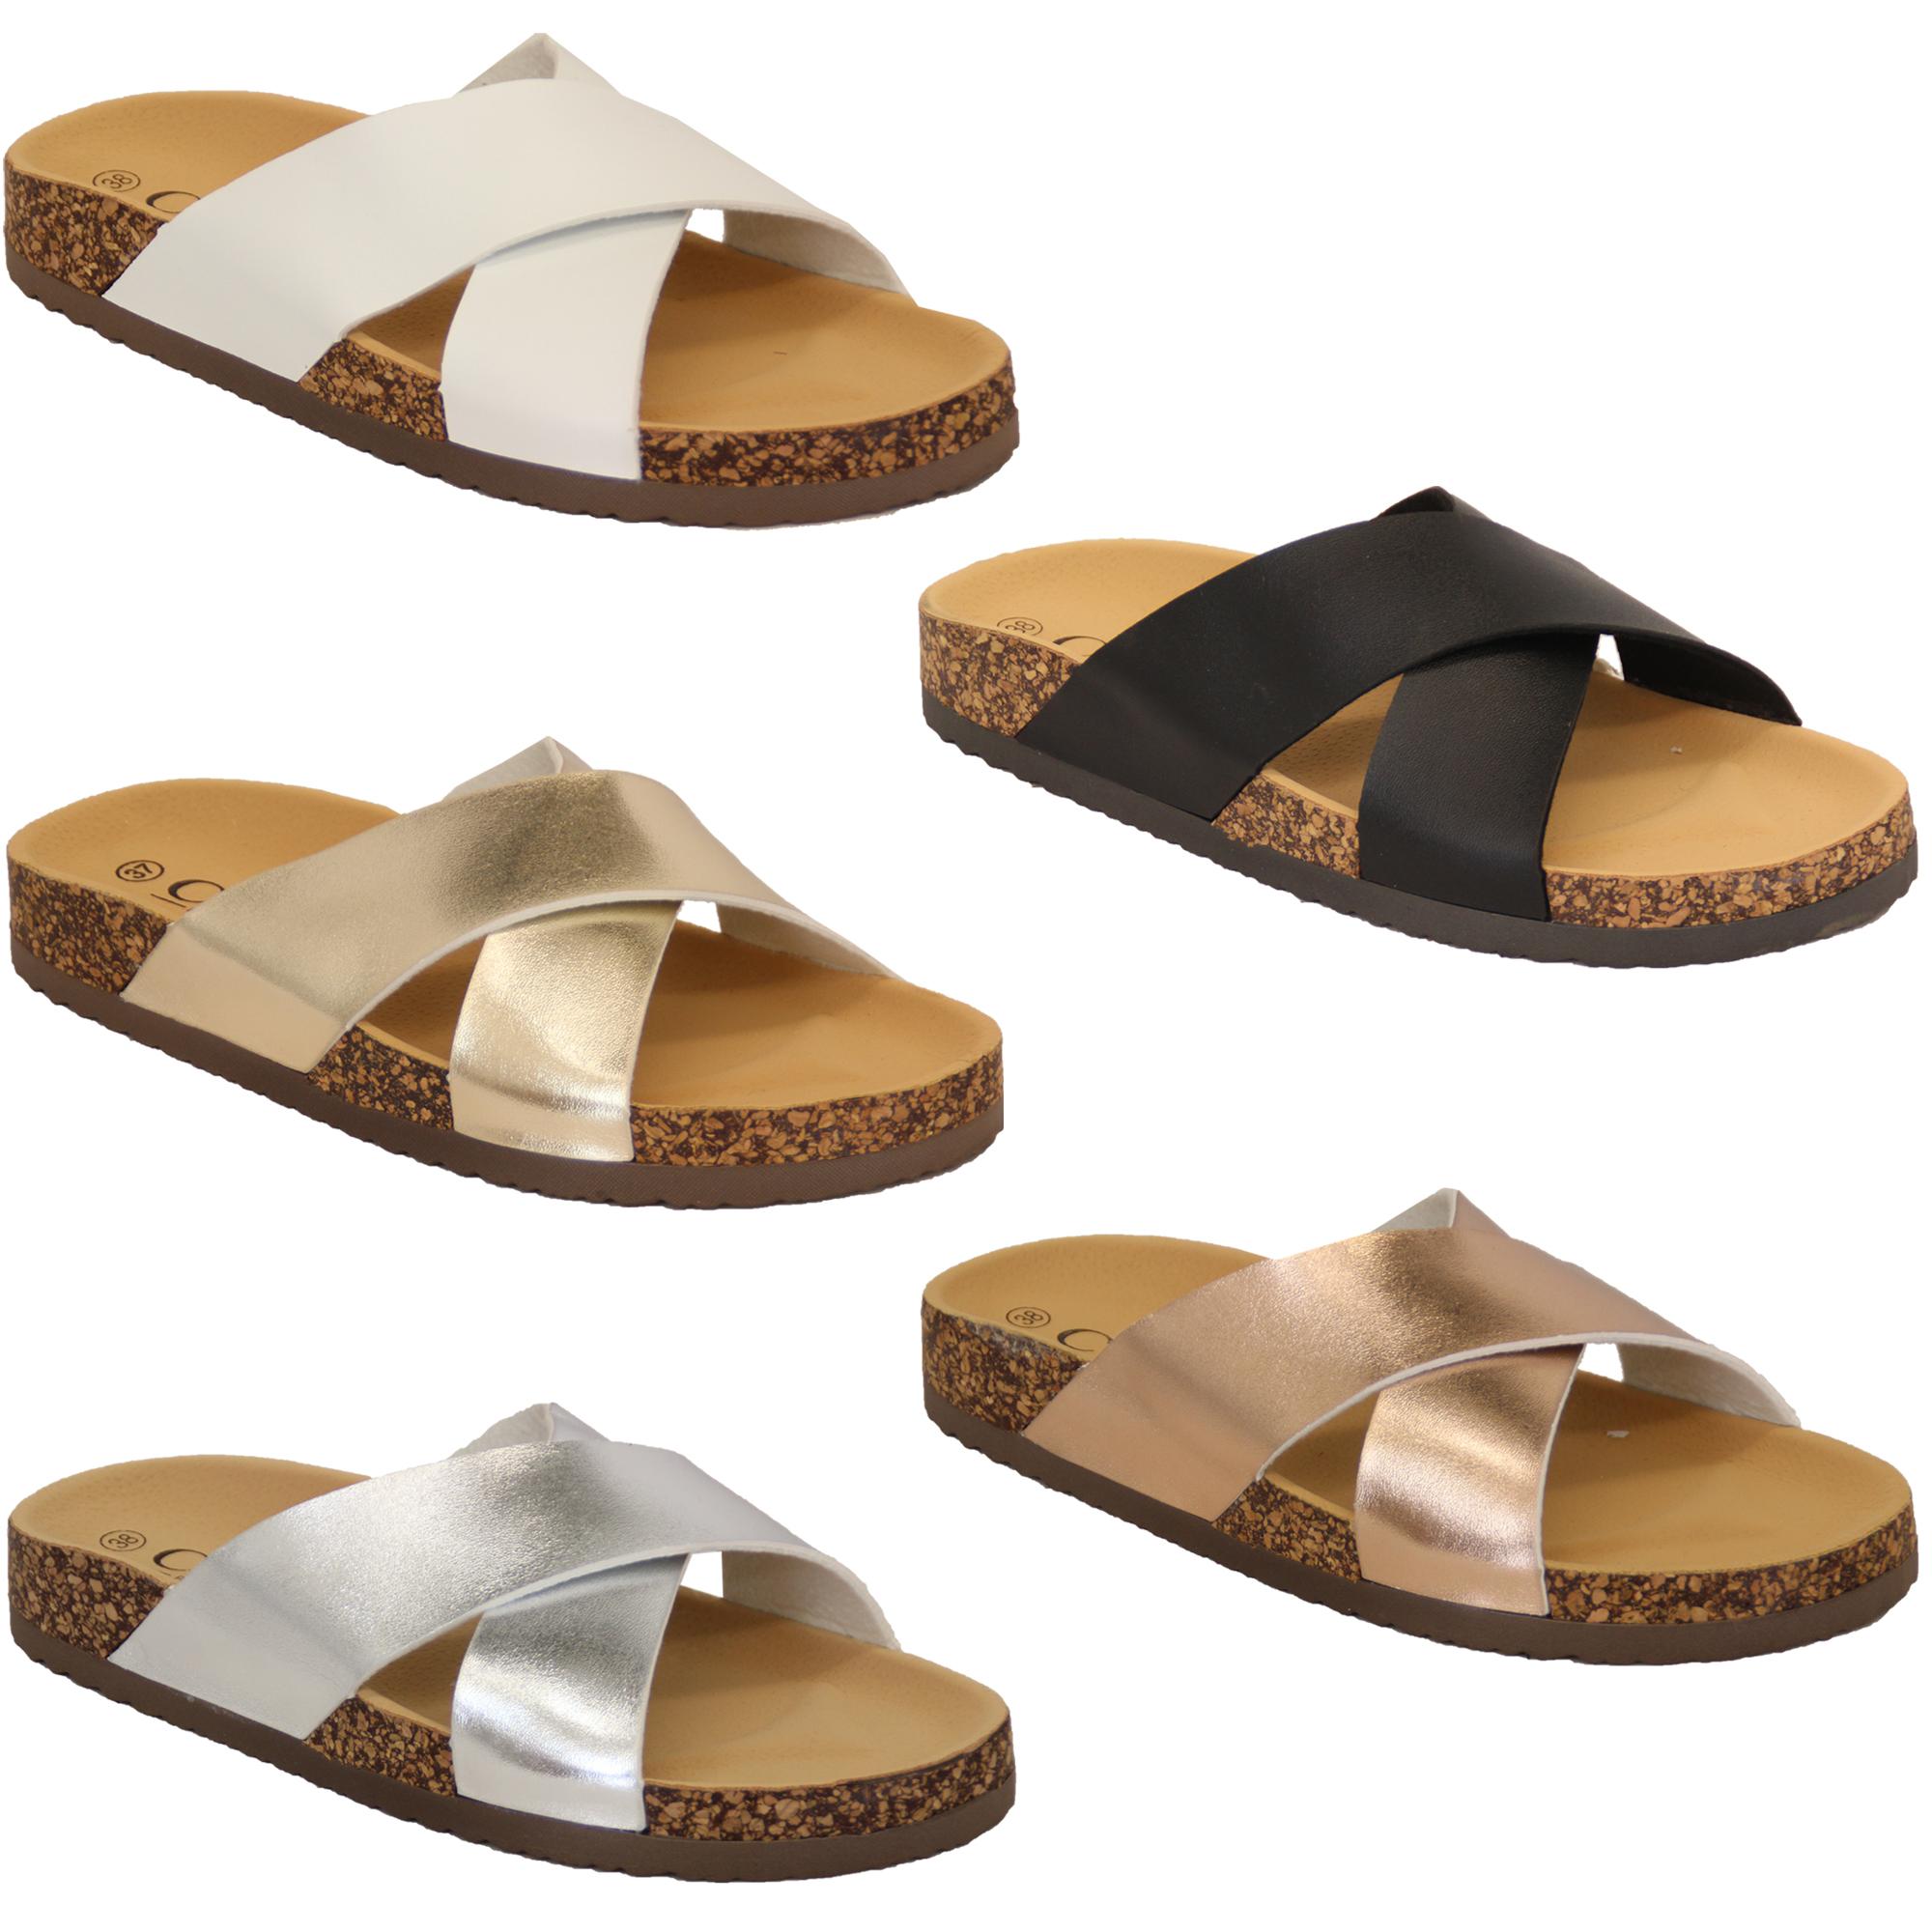 damen kork pantoffeln schieber sandalen slipper auf flach. Black Bedroom Furniture Sets. Home Design Ideas